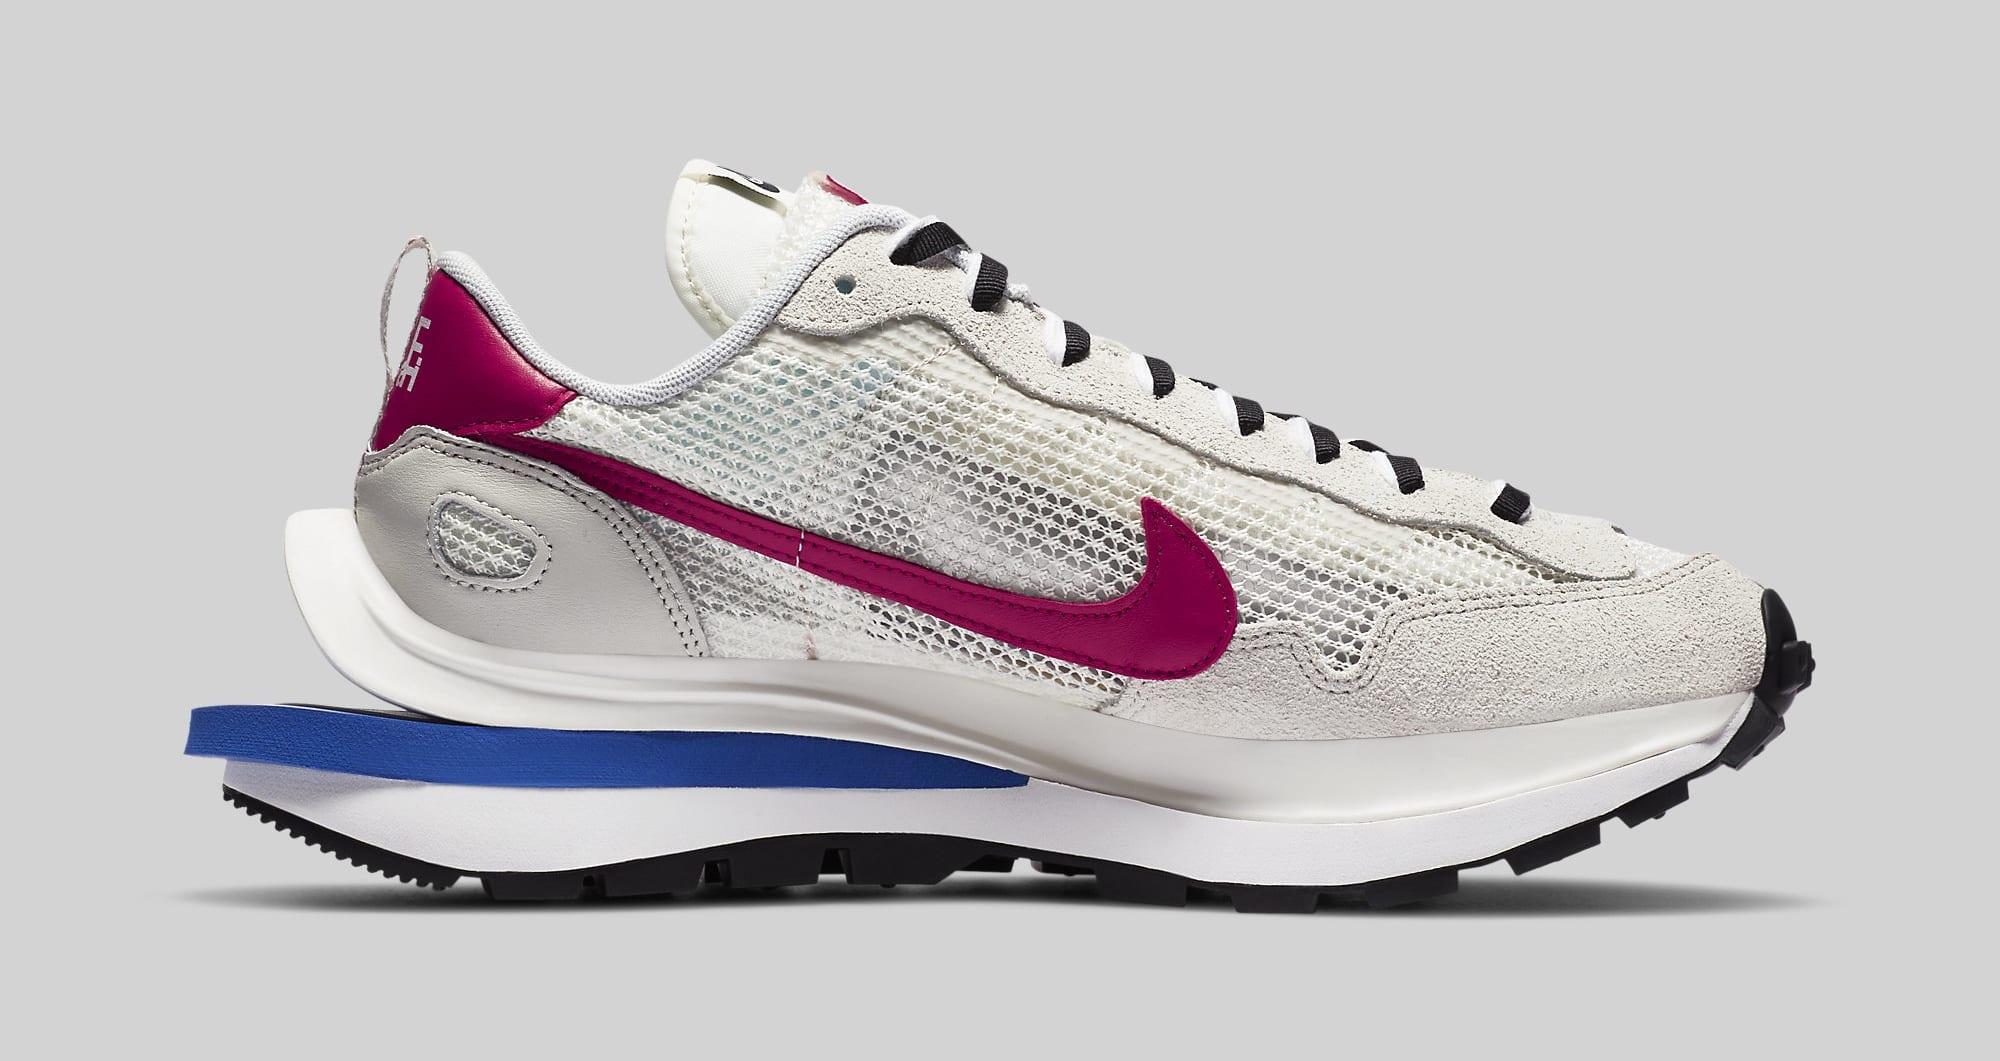 Sacai x Nike VaporWaffle 'Sail' CV1363-100 Medial